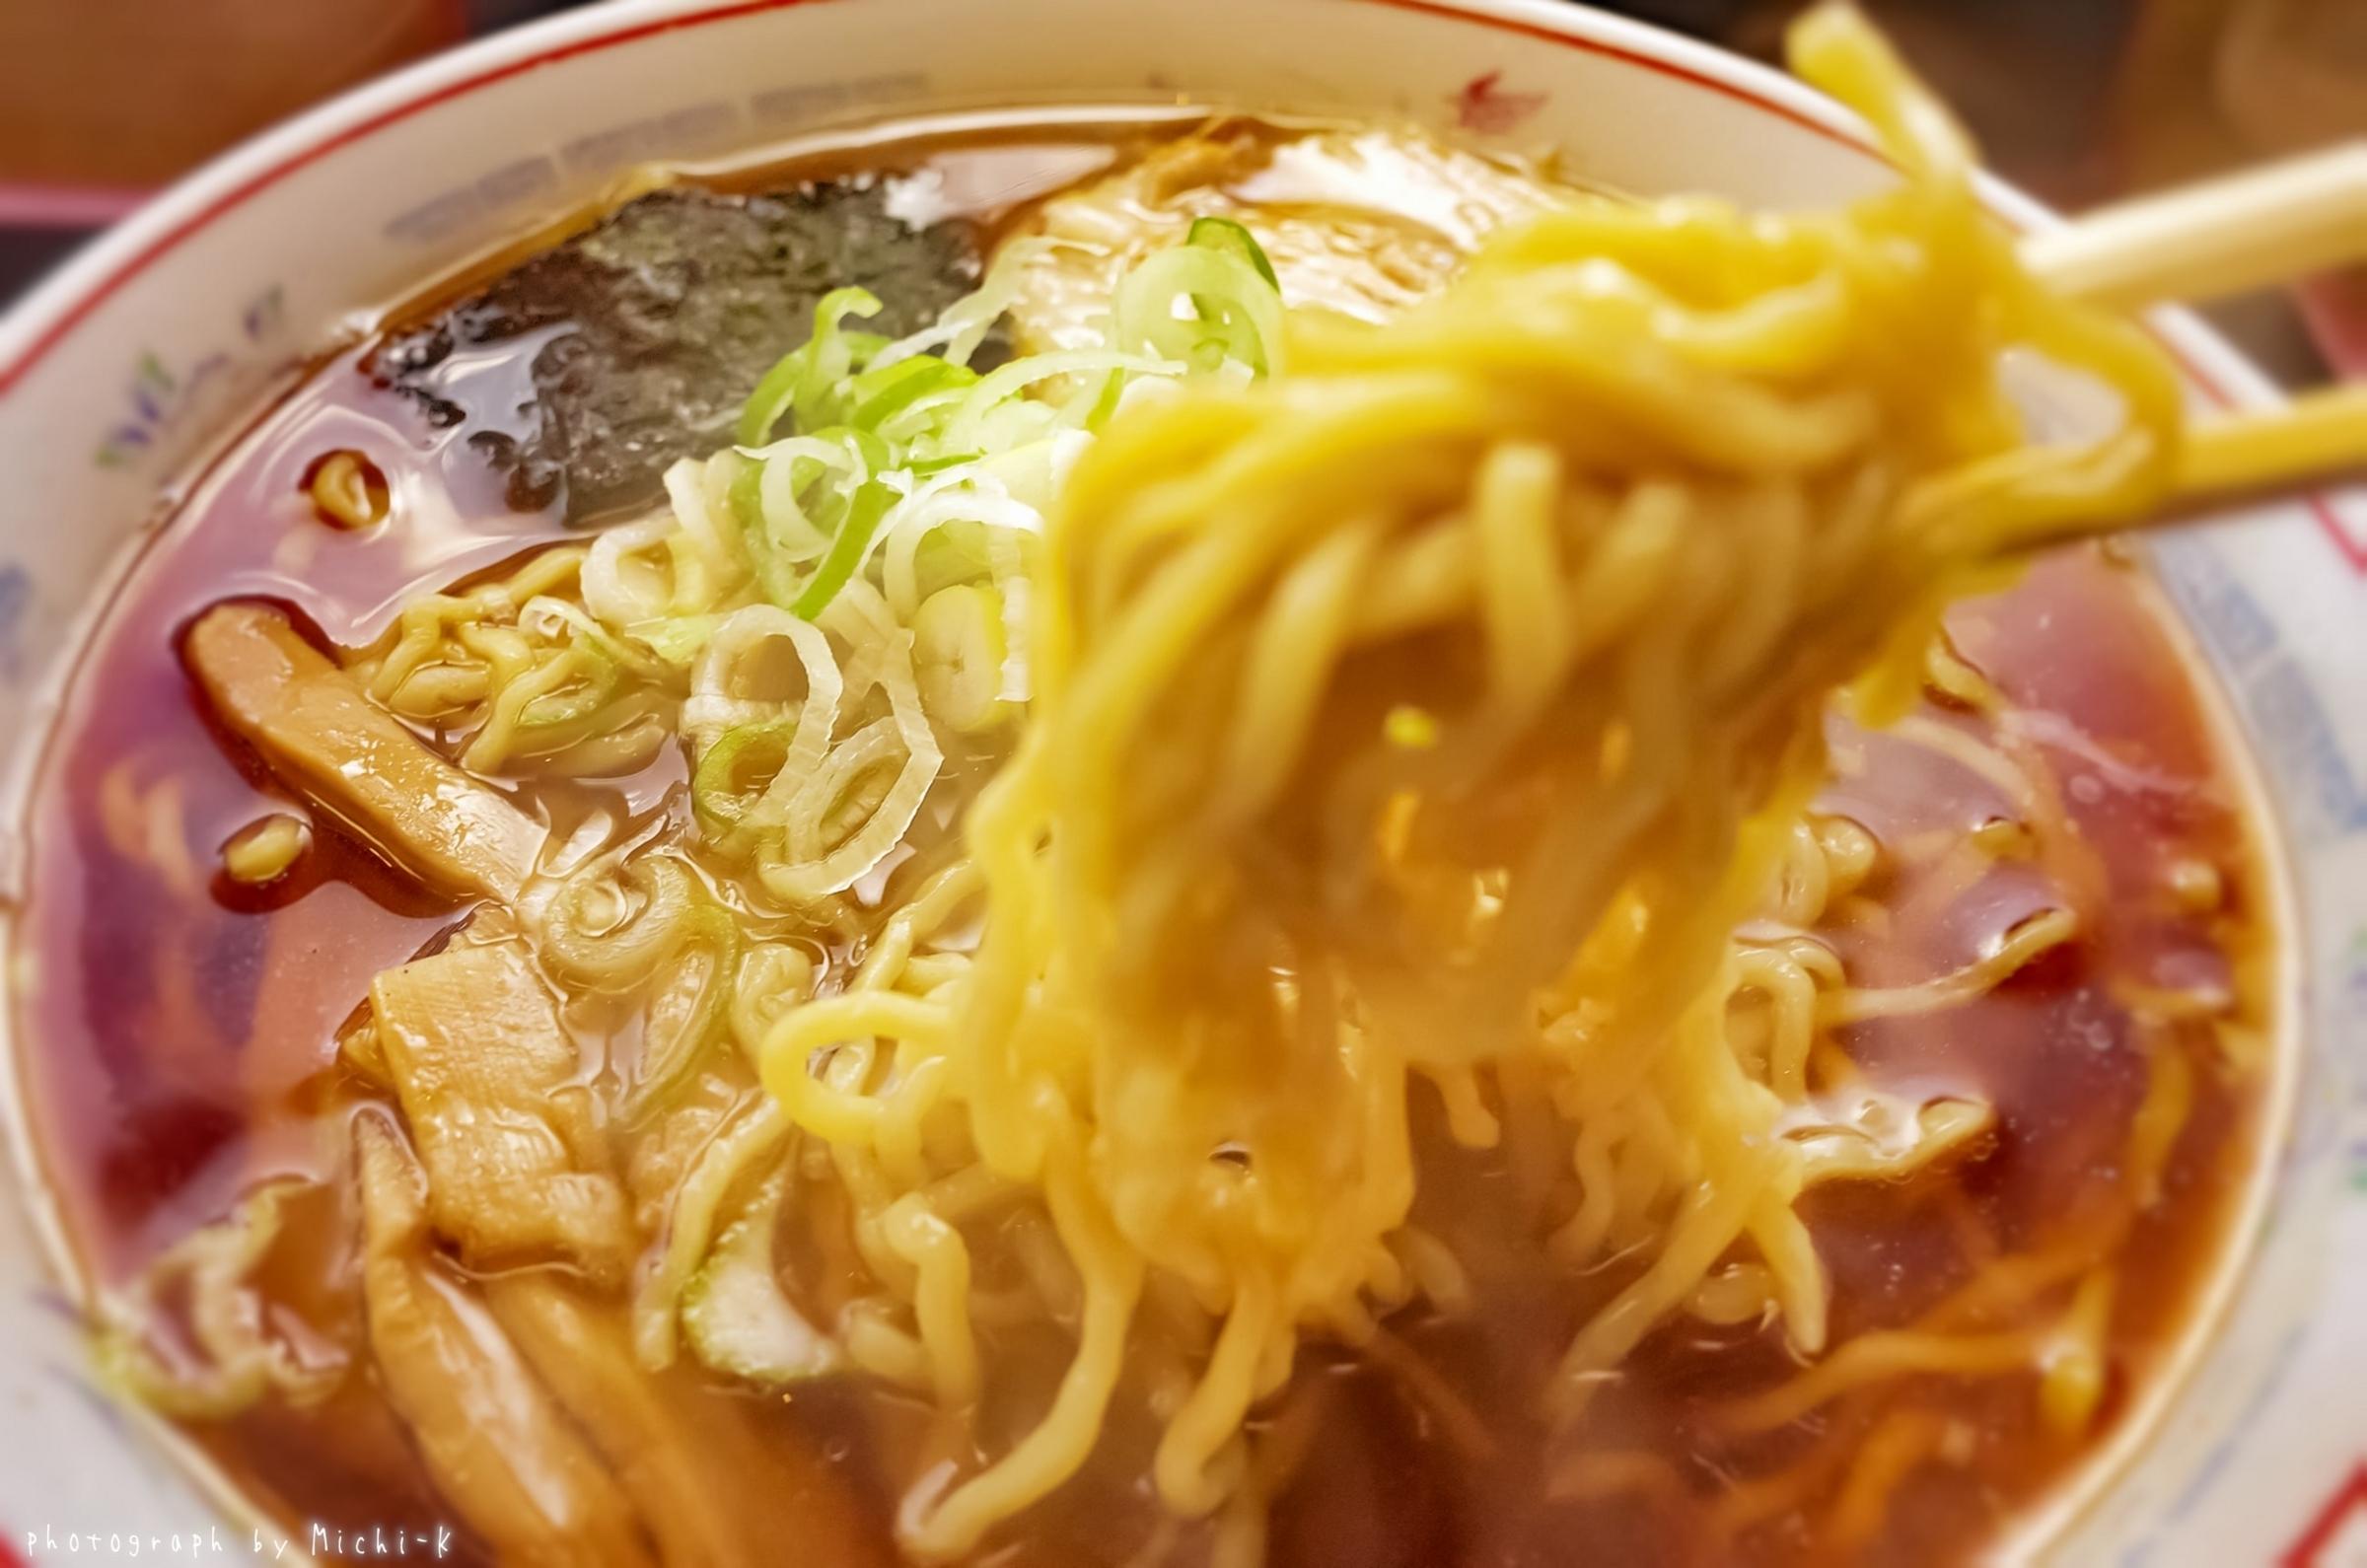 鶴岡市、米の粉の滝ドライブイン。  「あさひ満々ラーメン、細麺」-2